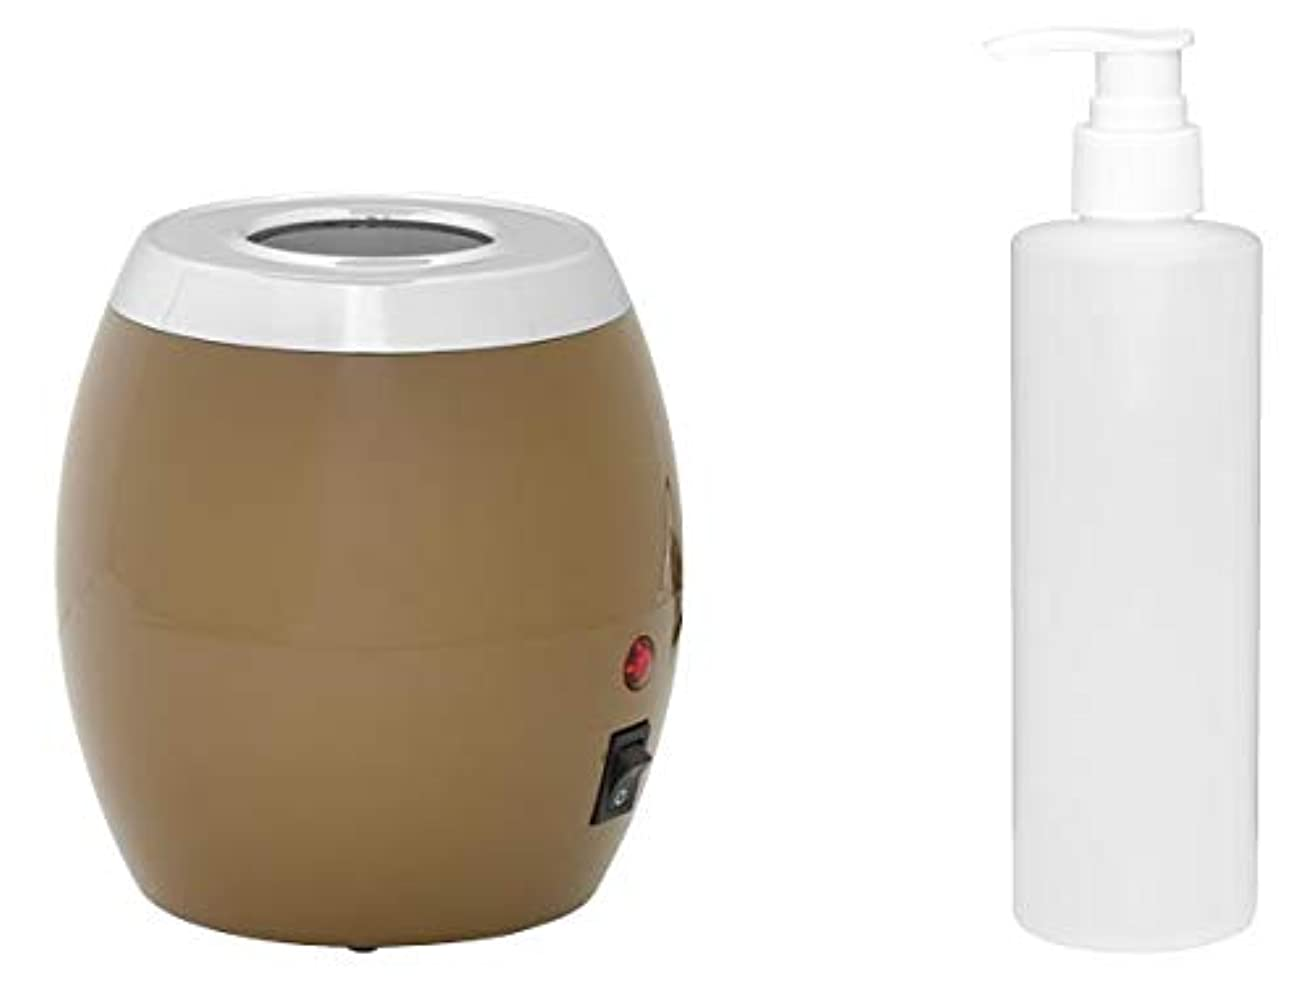 始まり一方、なすオイルヒーター ボトル付 オイルウォーマー マッサージオイル ボディオイル ヒーター ウォーマー